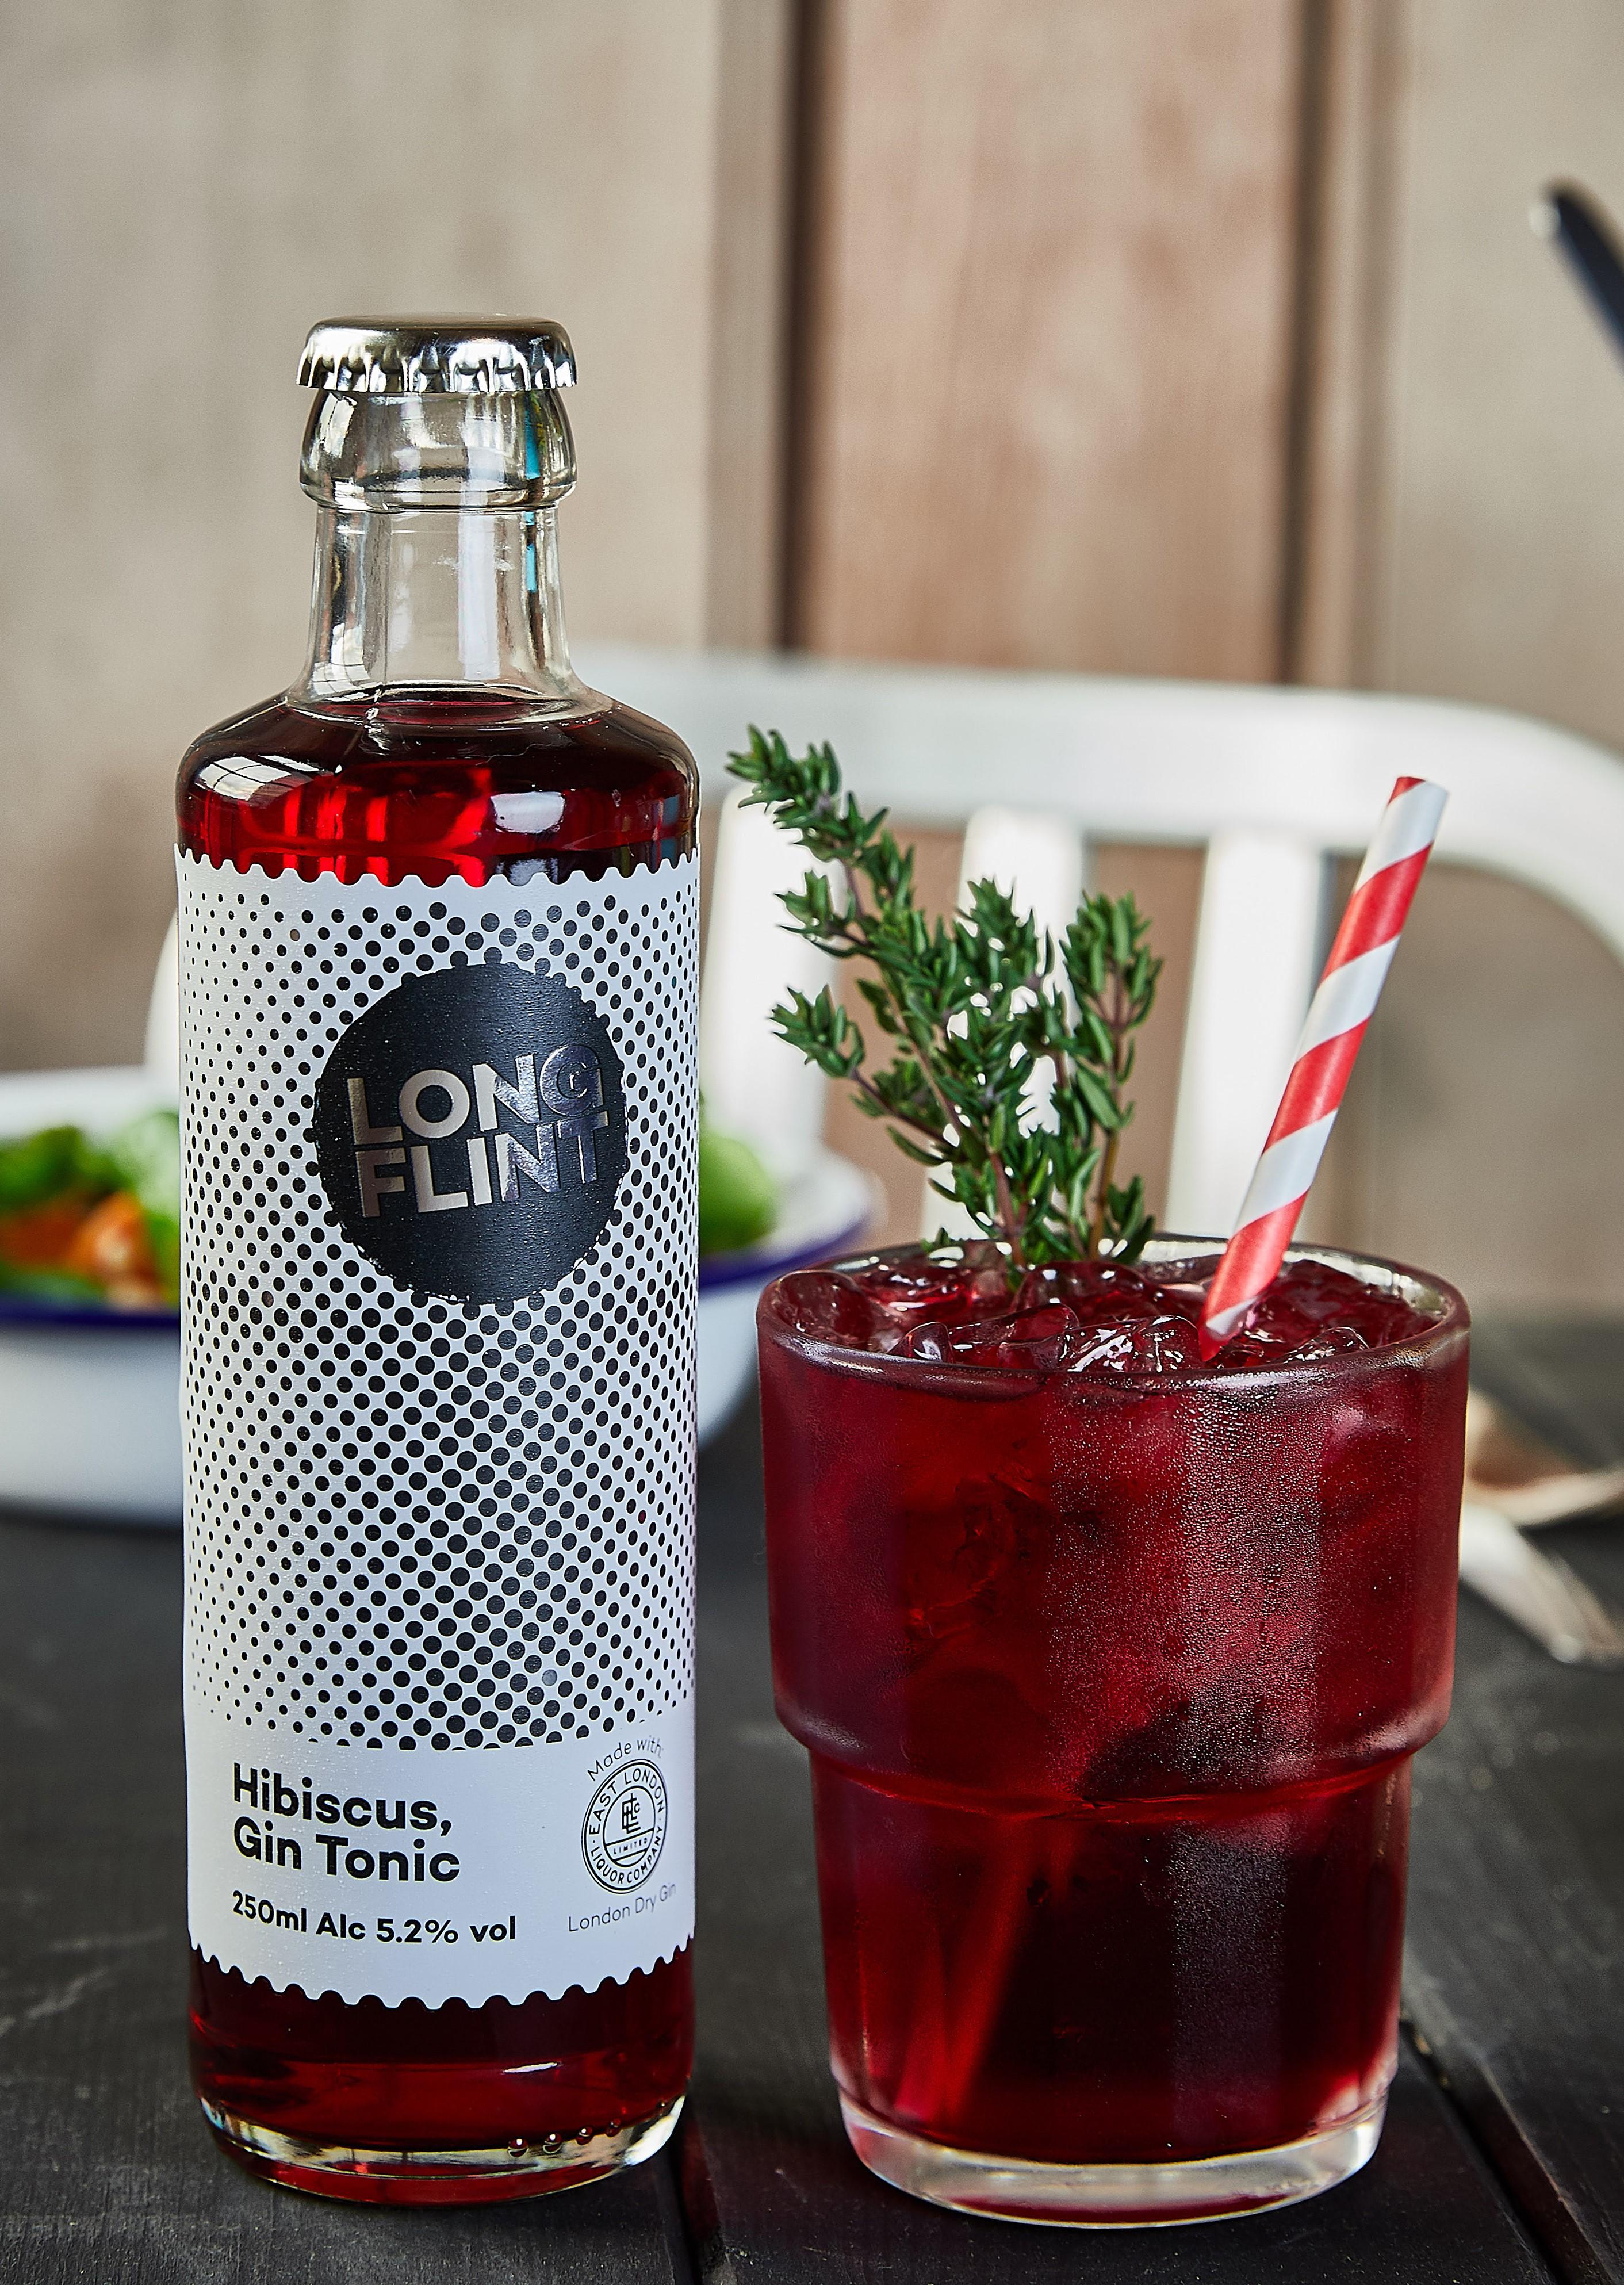 Hibiscus, Gin Tonic